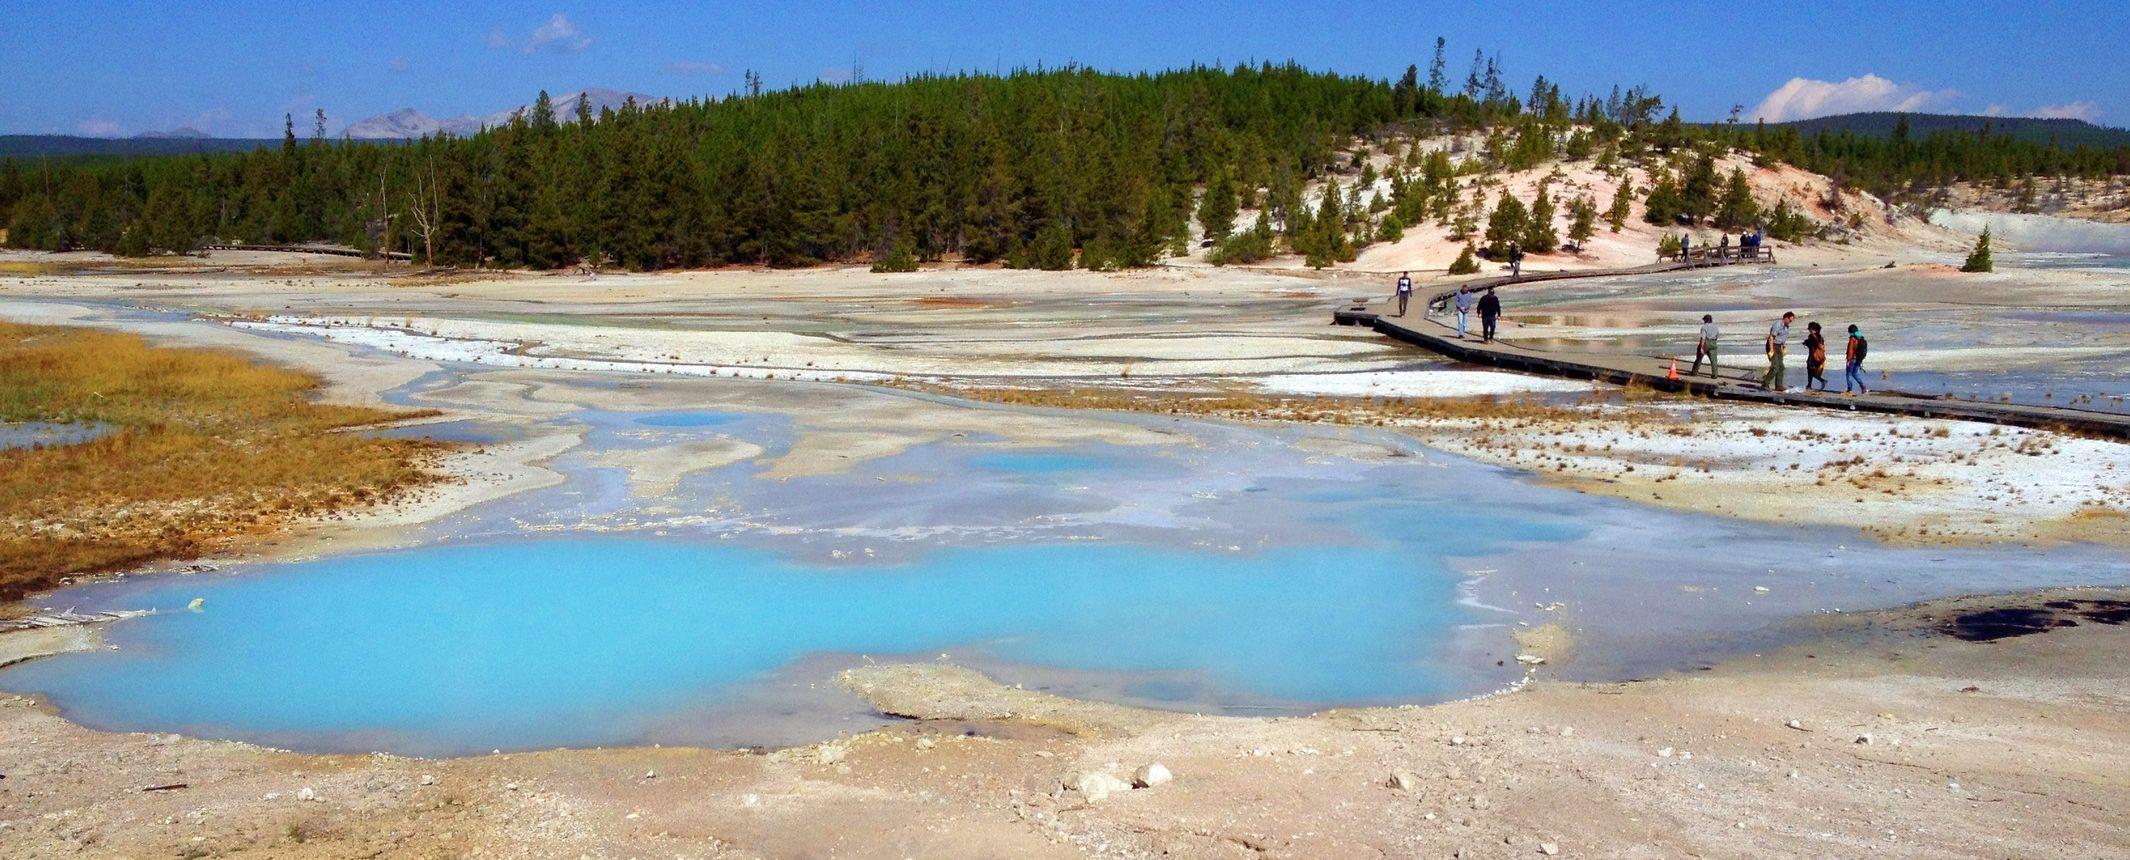 Estados Unidos - Yellowstone y parques del medio oeste. Ruta de senderismo